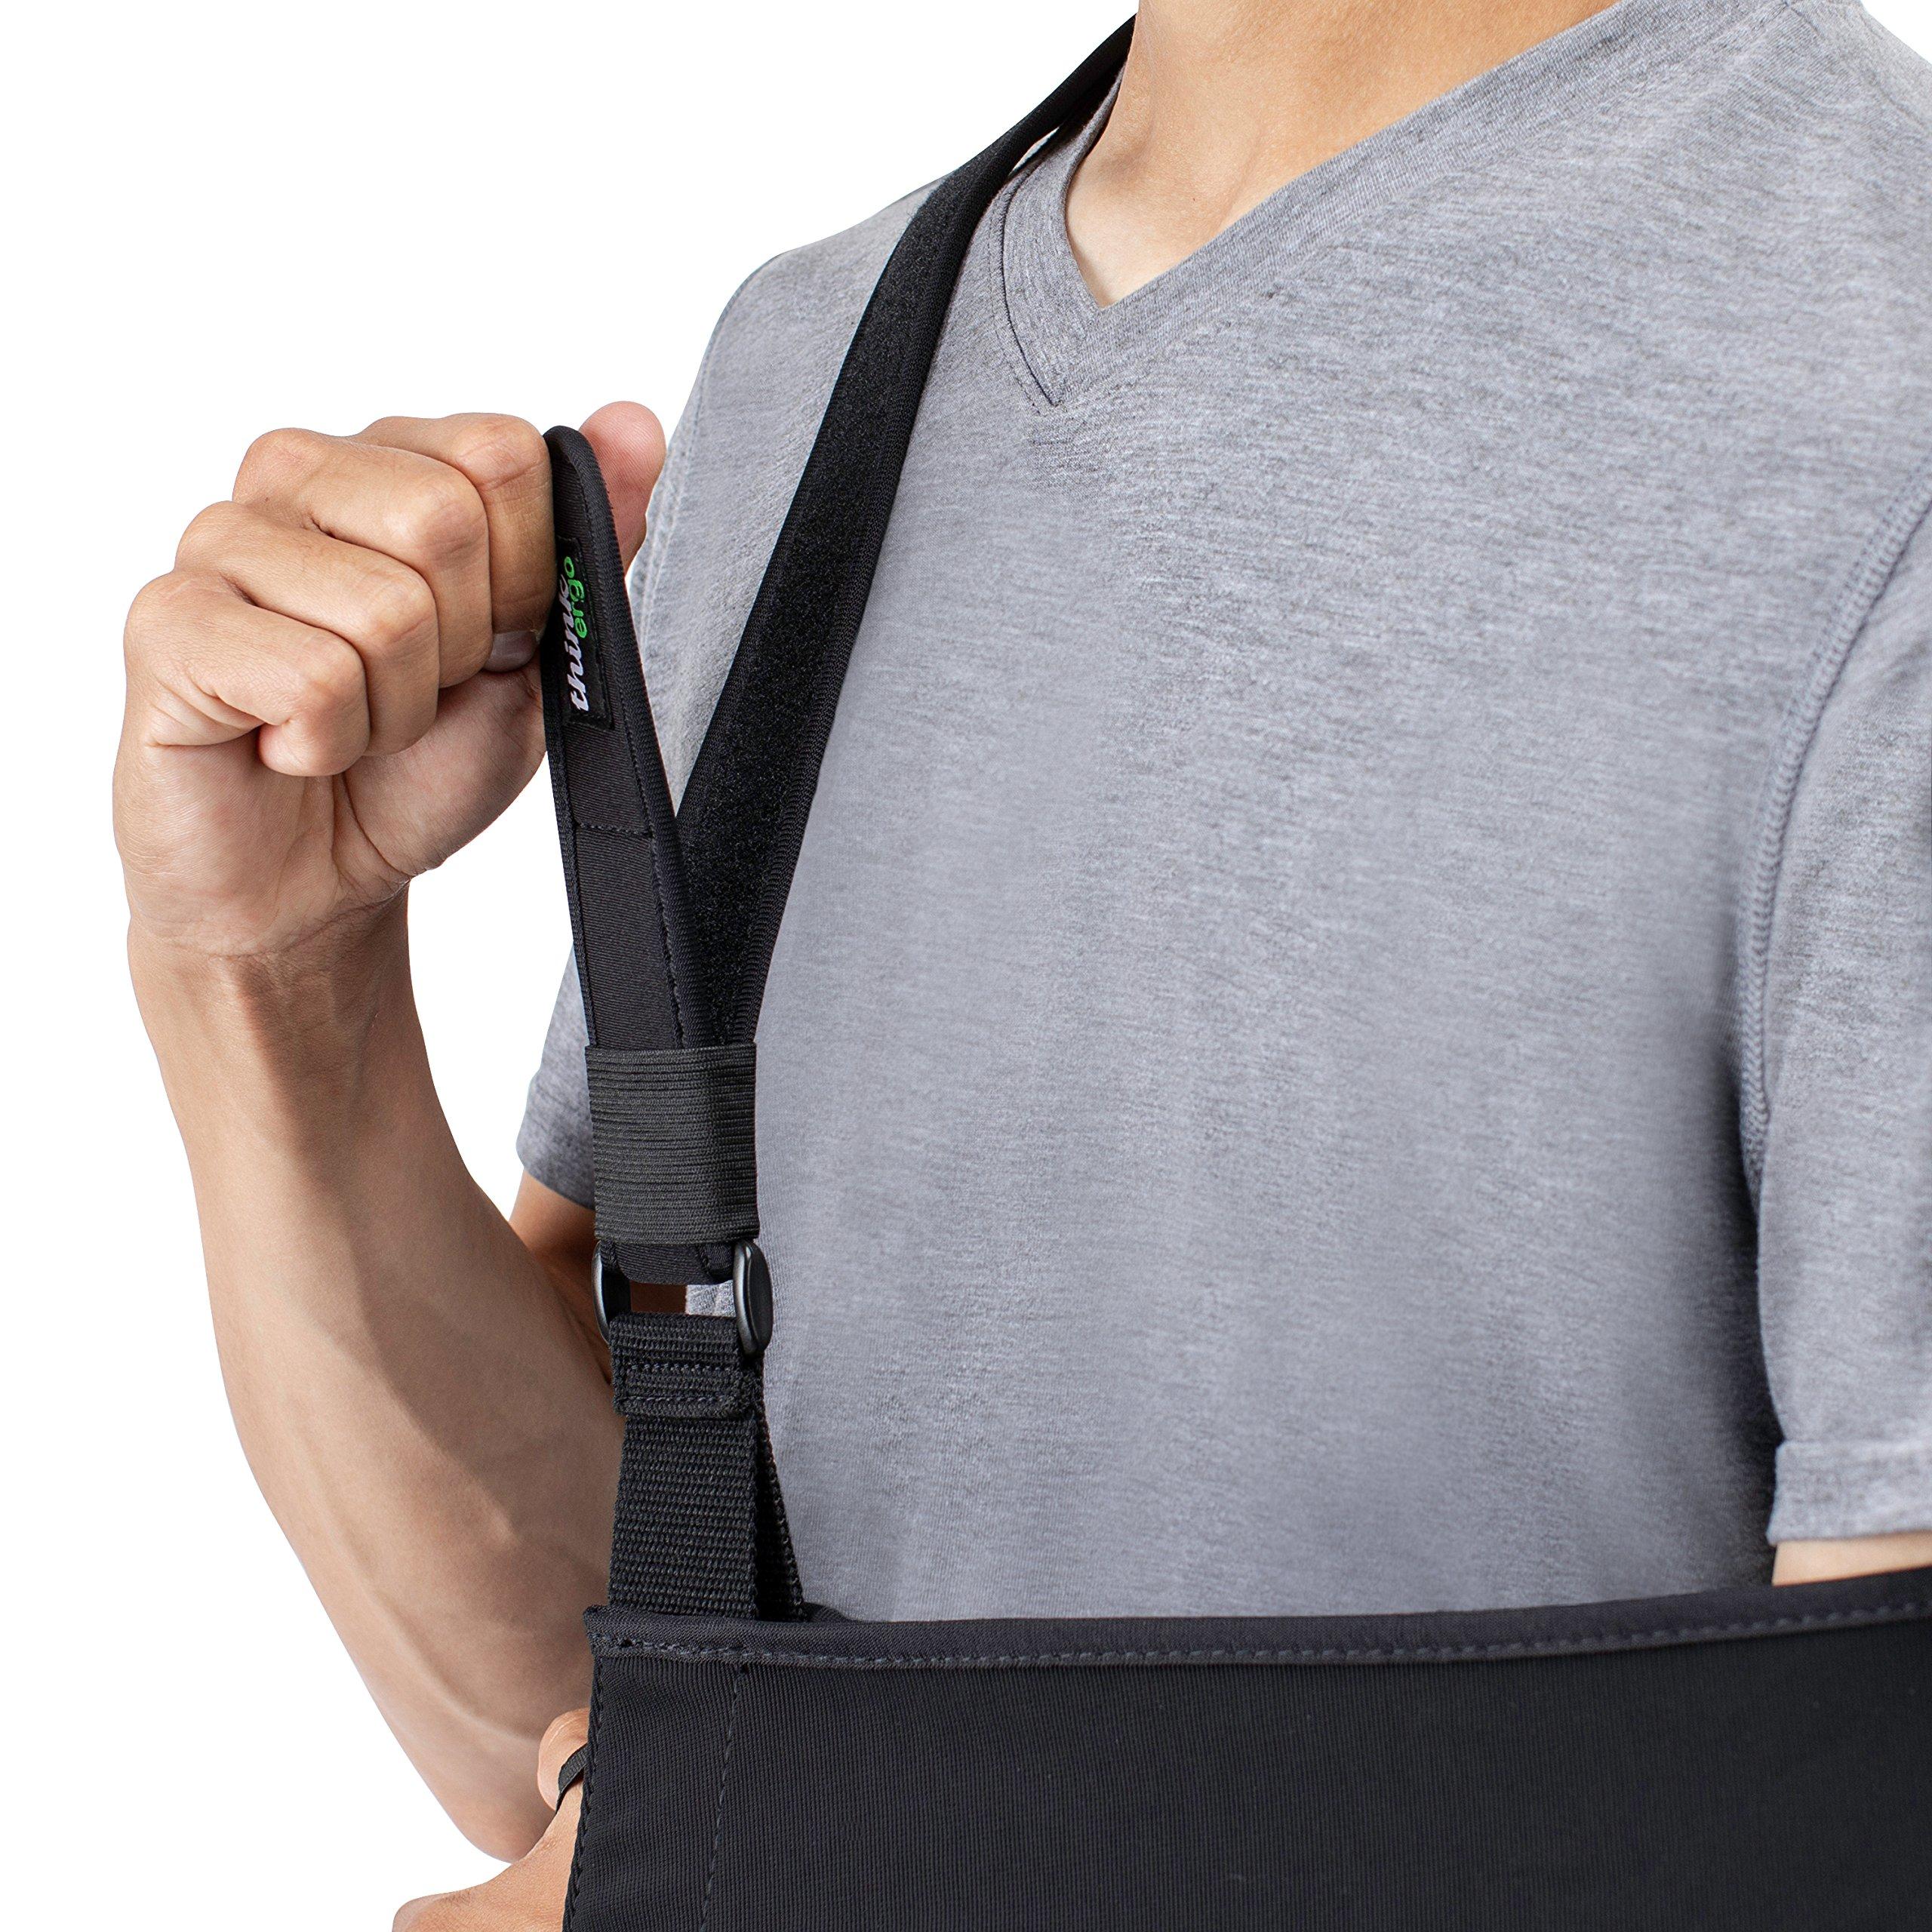 Think Ergo Arm Sling Sport - Lightweight, Breathable, Ergonomically Designed Medical Sling for Broken & Fractured Bones - Adjustable Arm, Shoulder & Rotator Cuff Support (Adult) by Think Ergo (Image #8)